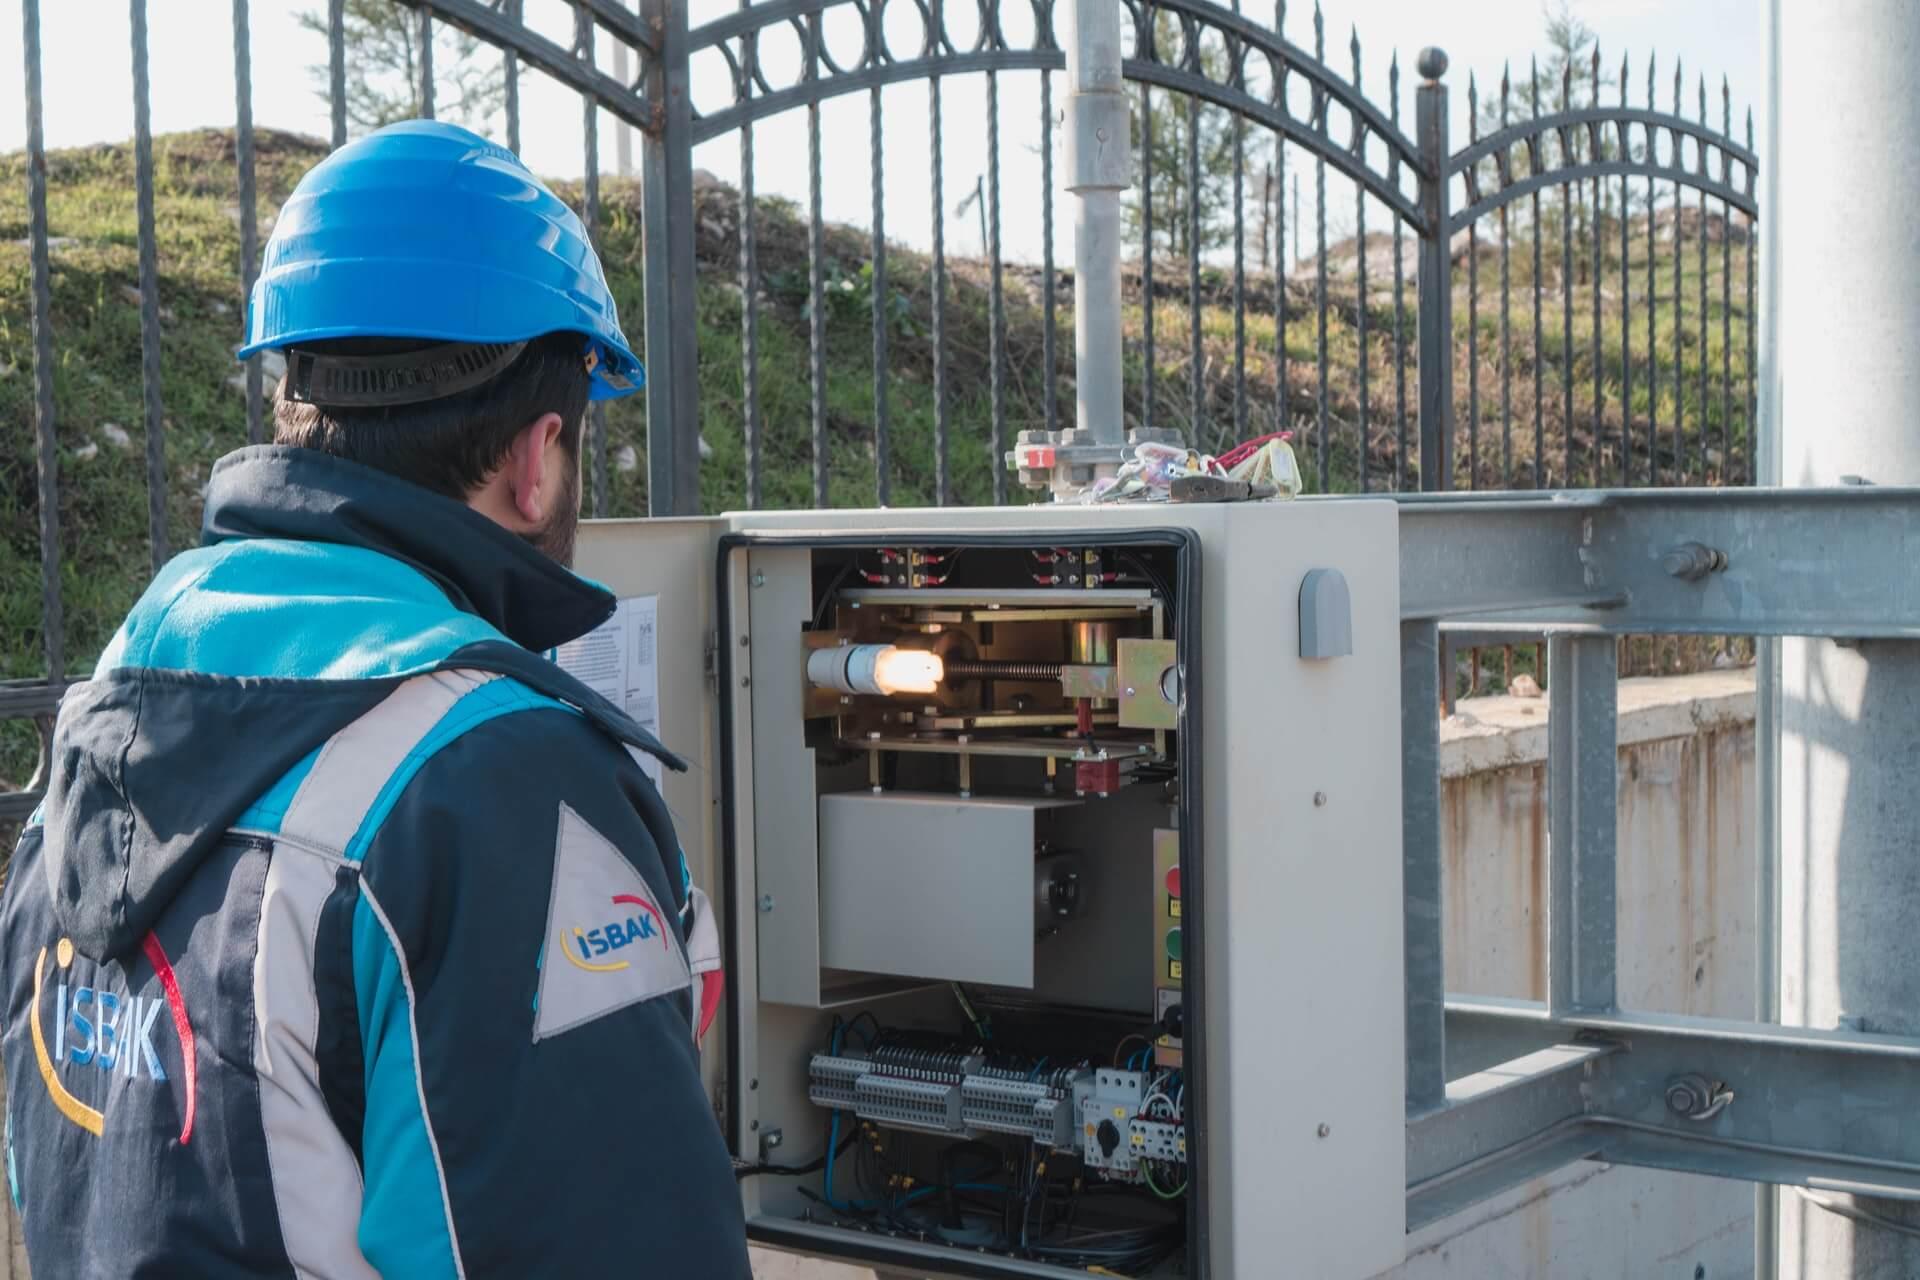 Equipo Protección Individual electricista